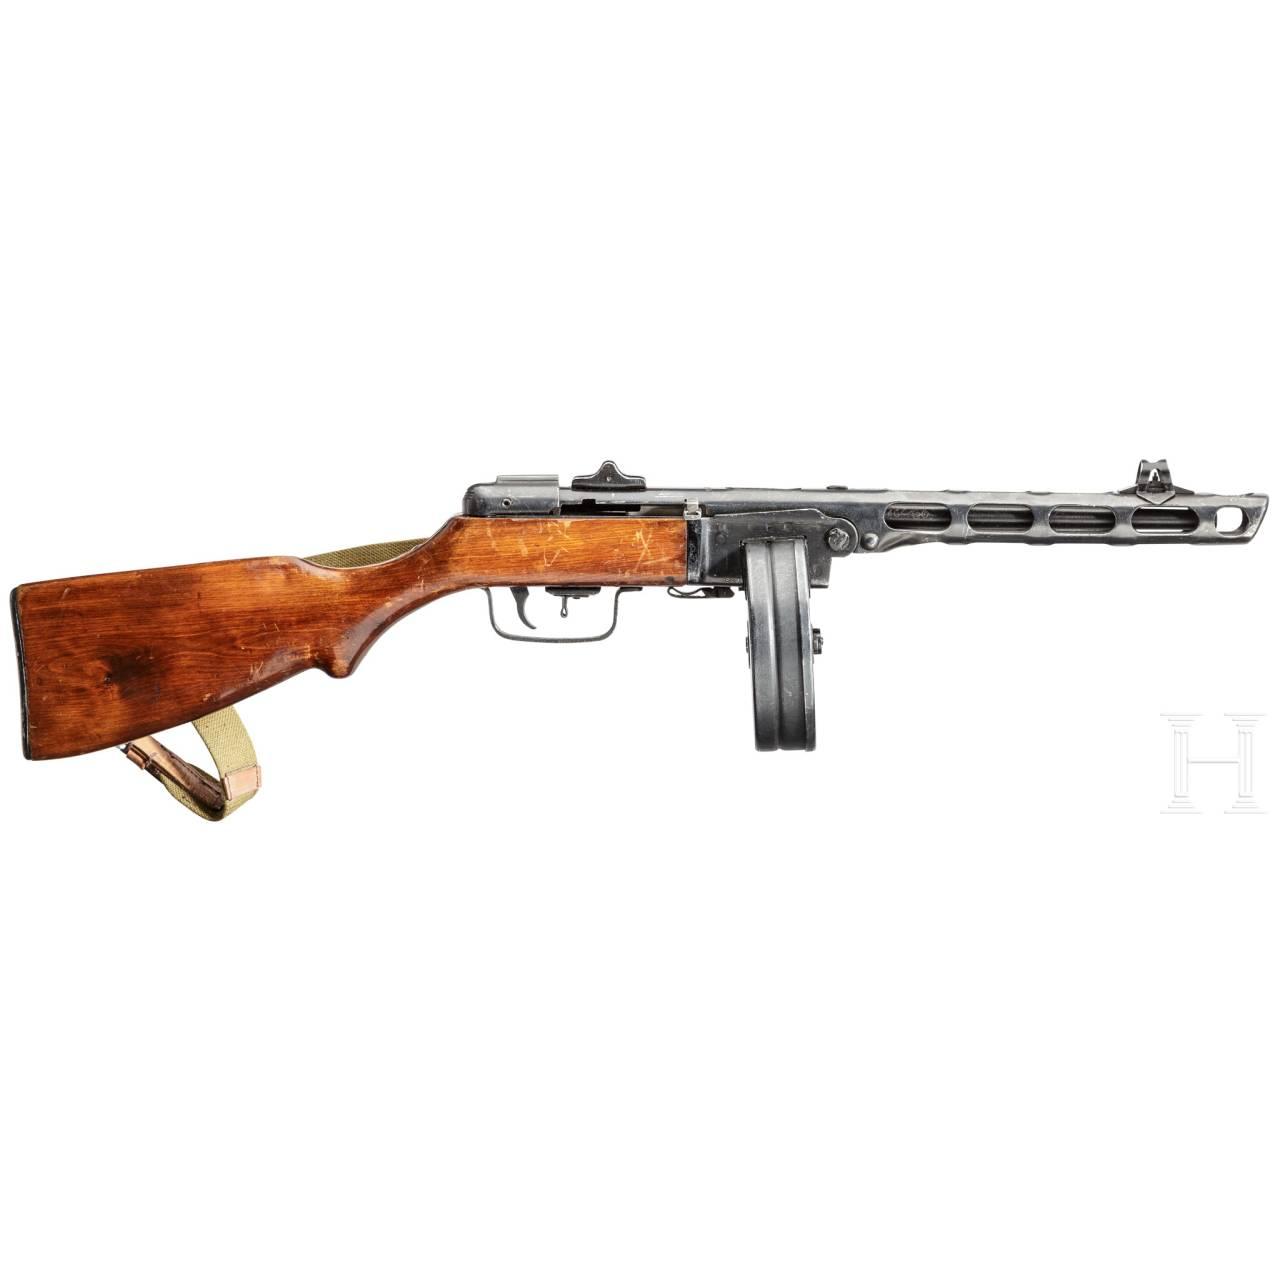 PPSh 41 (SLK 41)